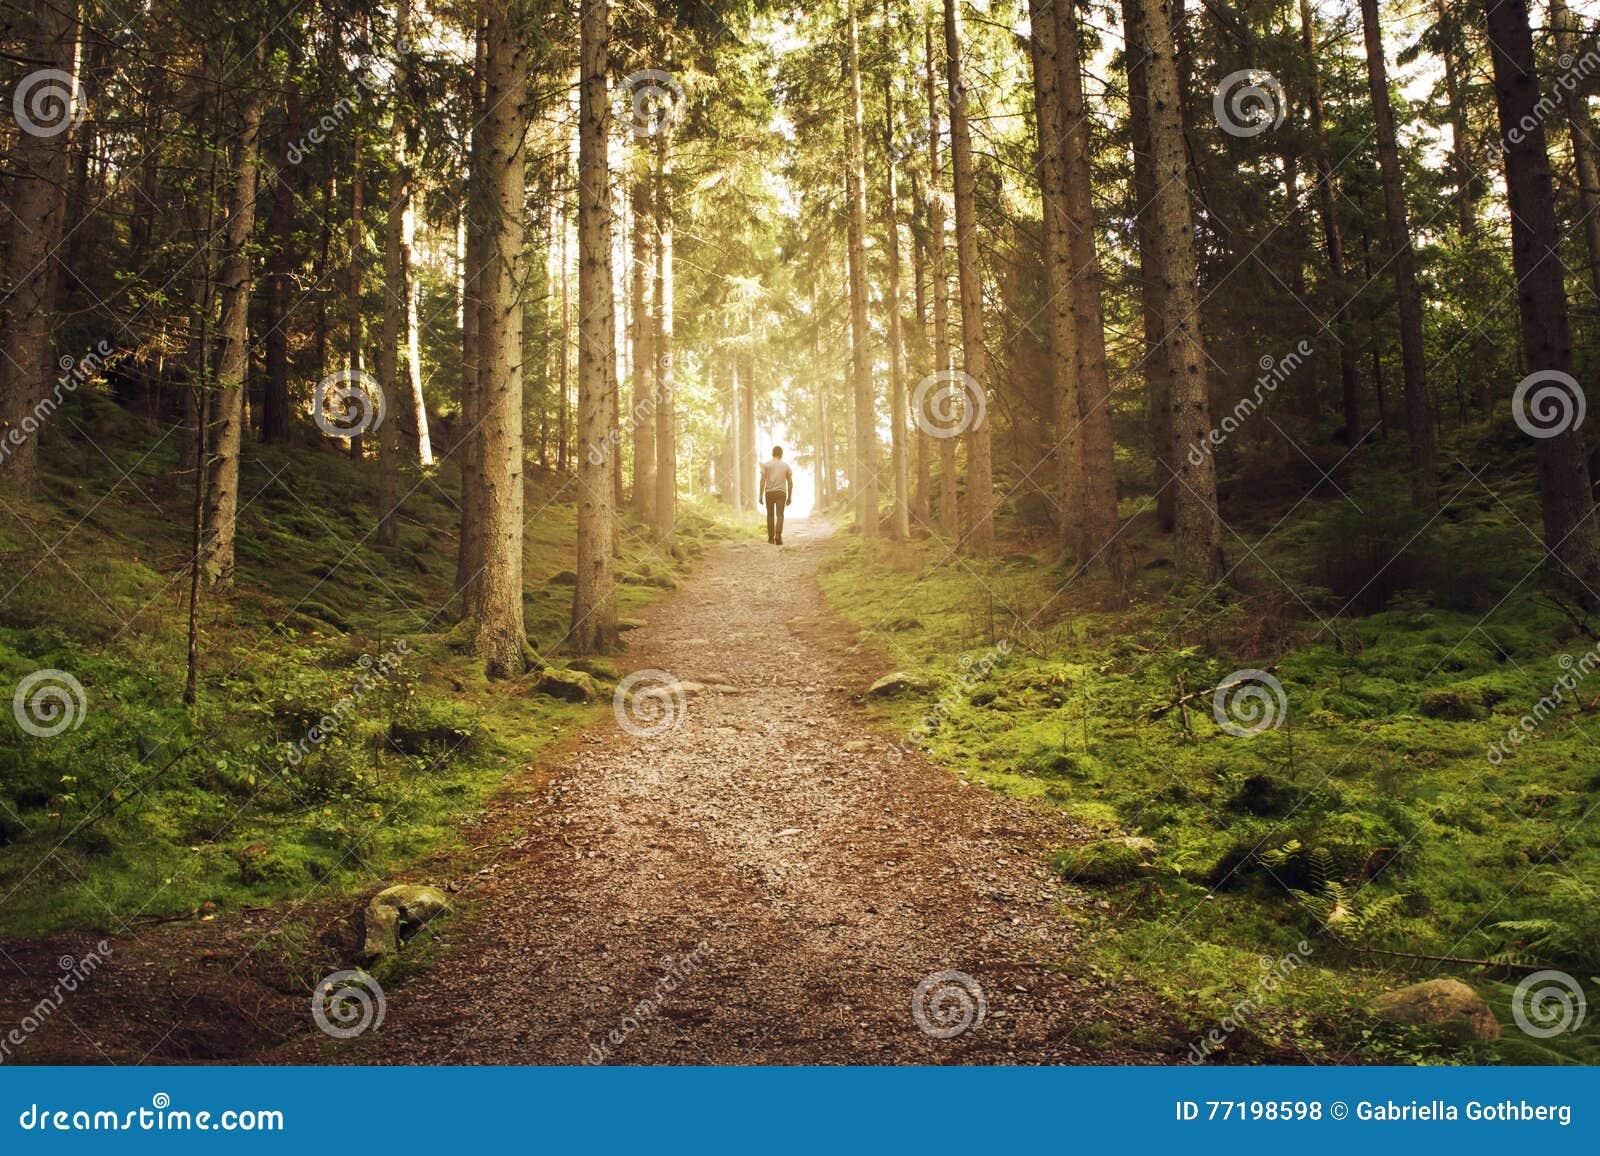 Équipez la marche vers le haut du chemin vers la lumière dans la forêt magique